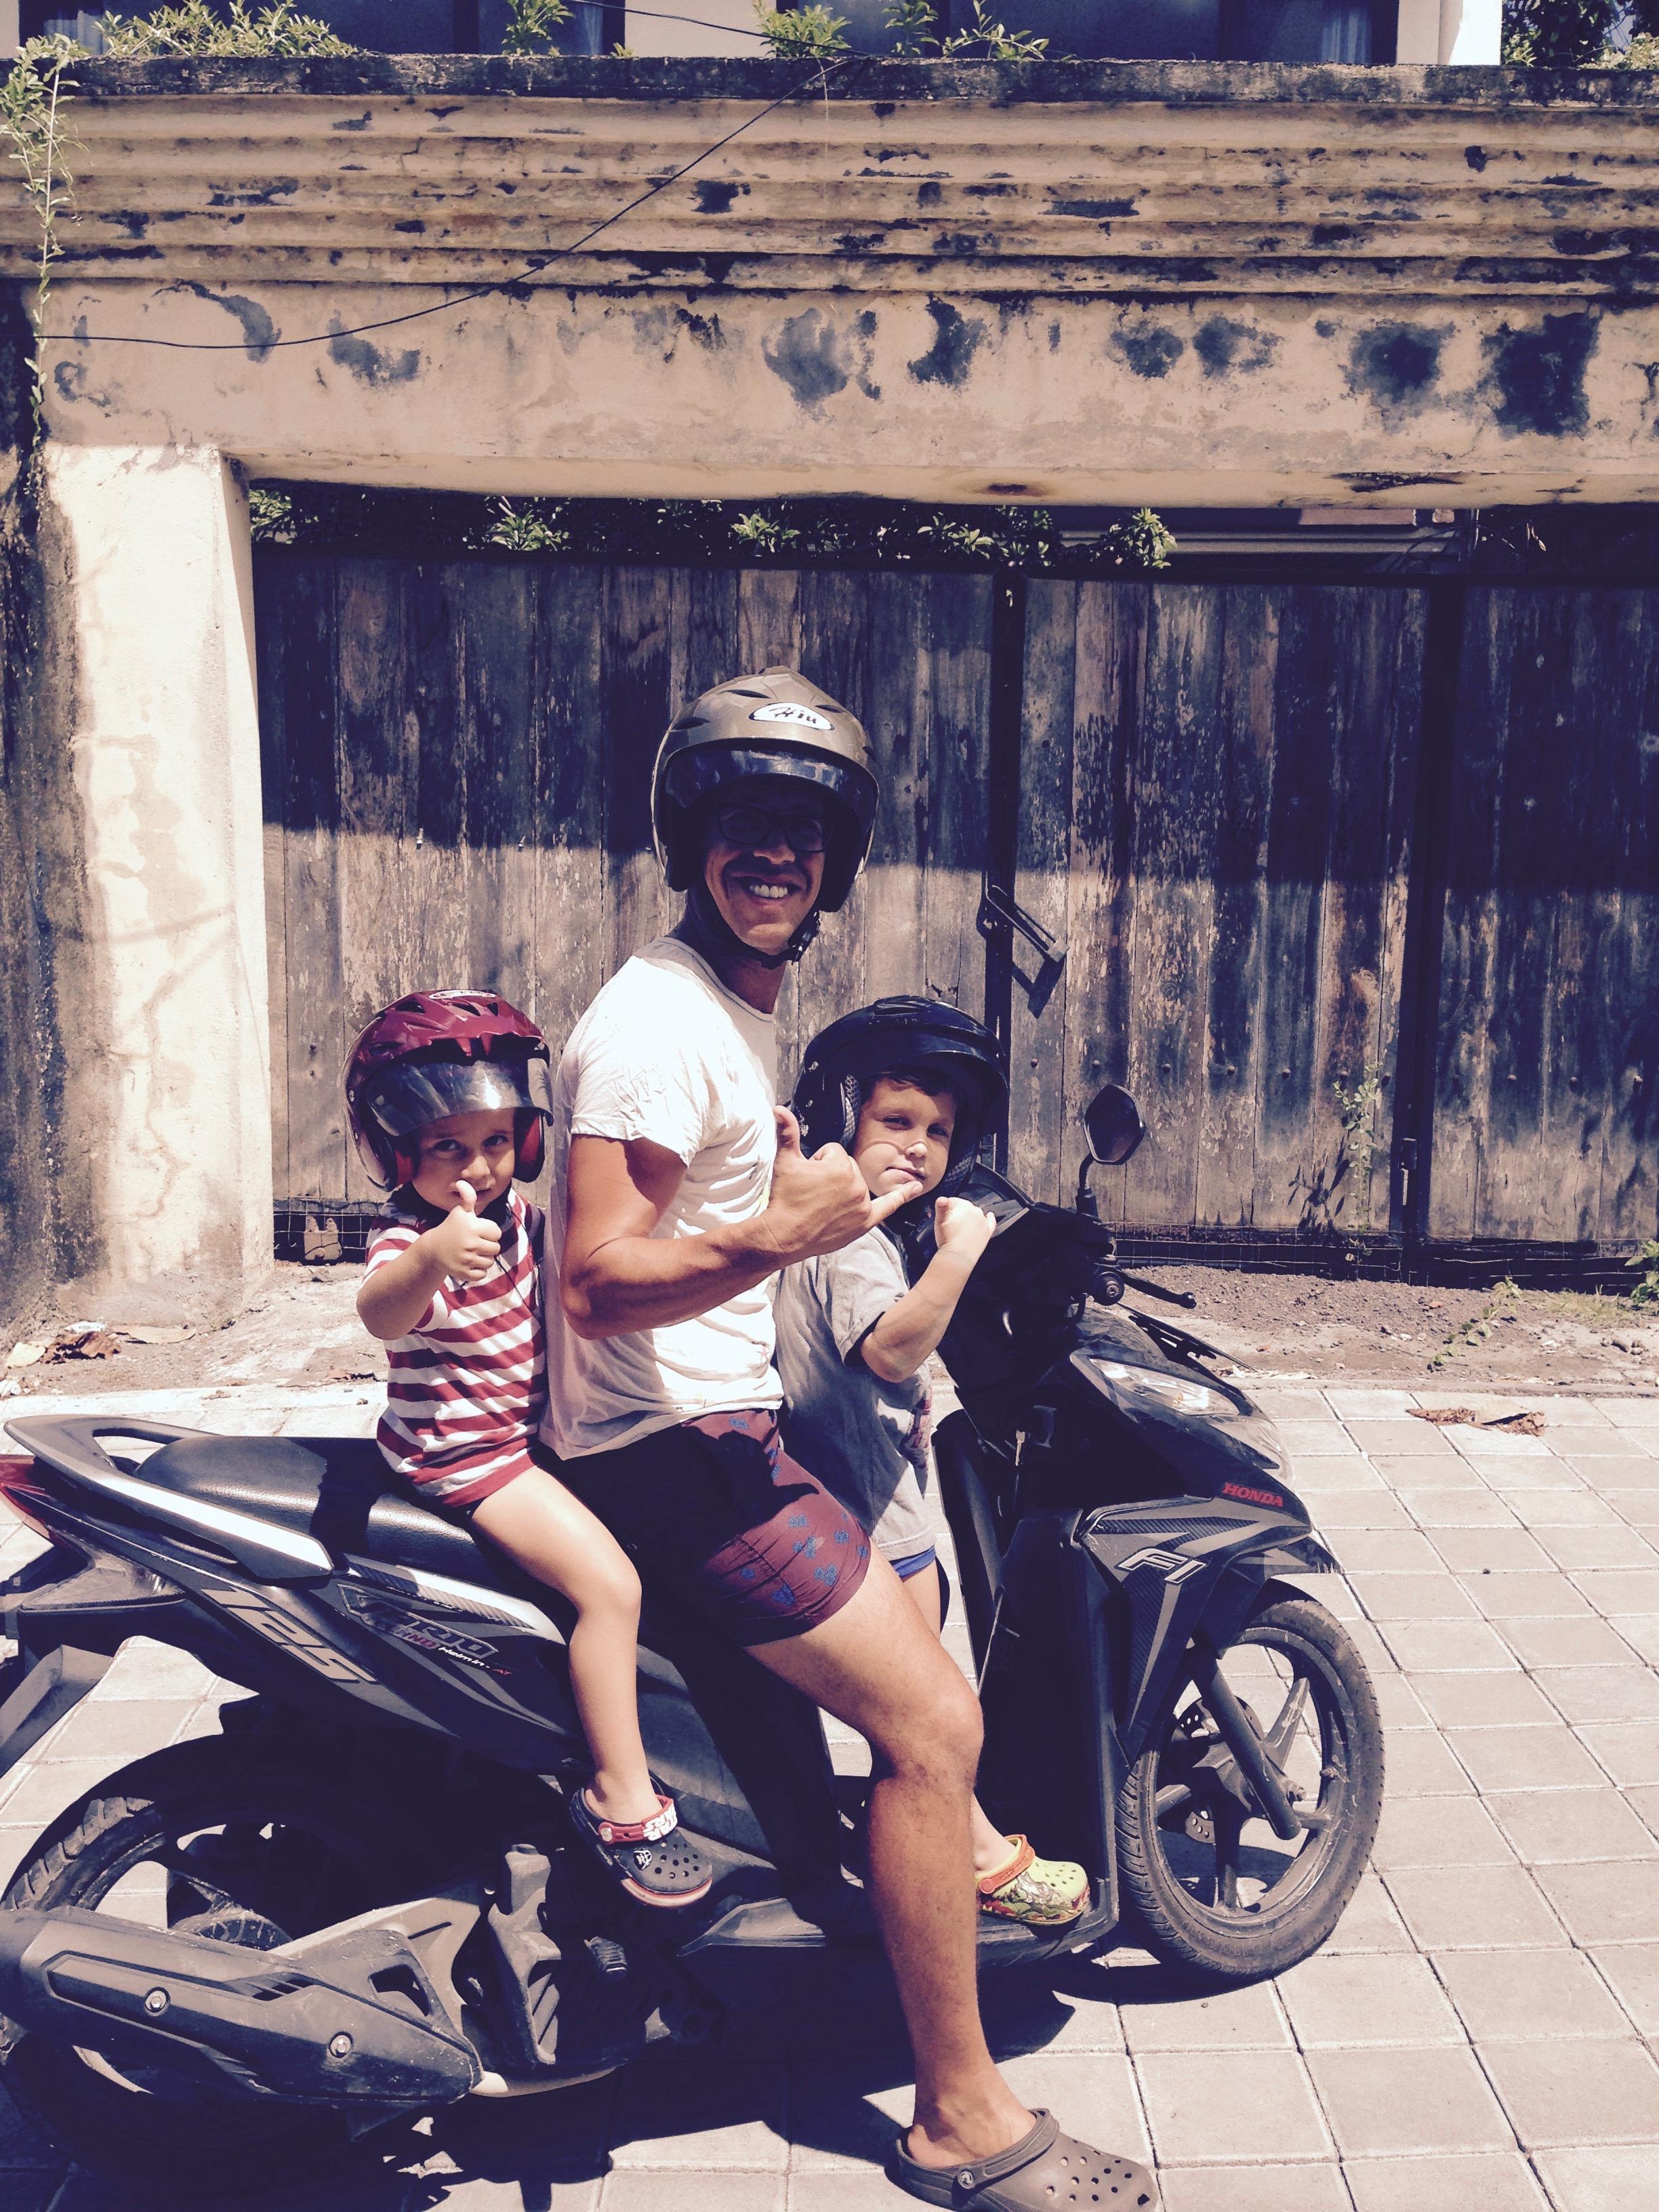 Nuestro medio de transporte en Bali. La moto, eso a lo que juré nunca subirme.